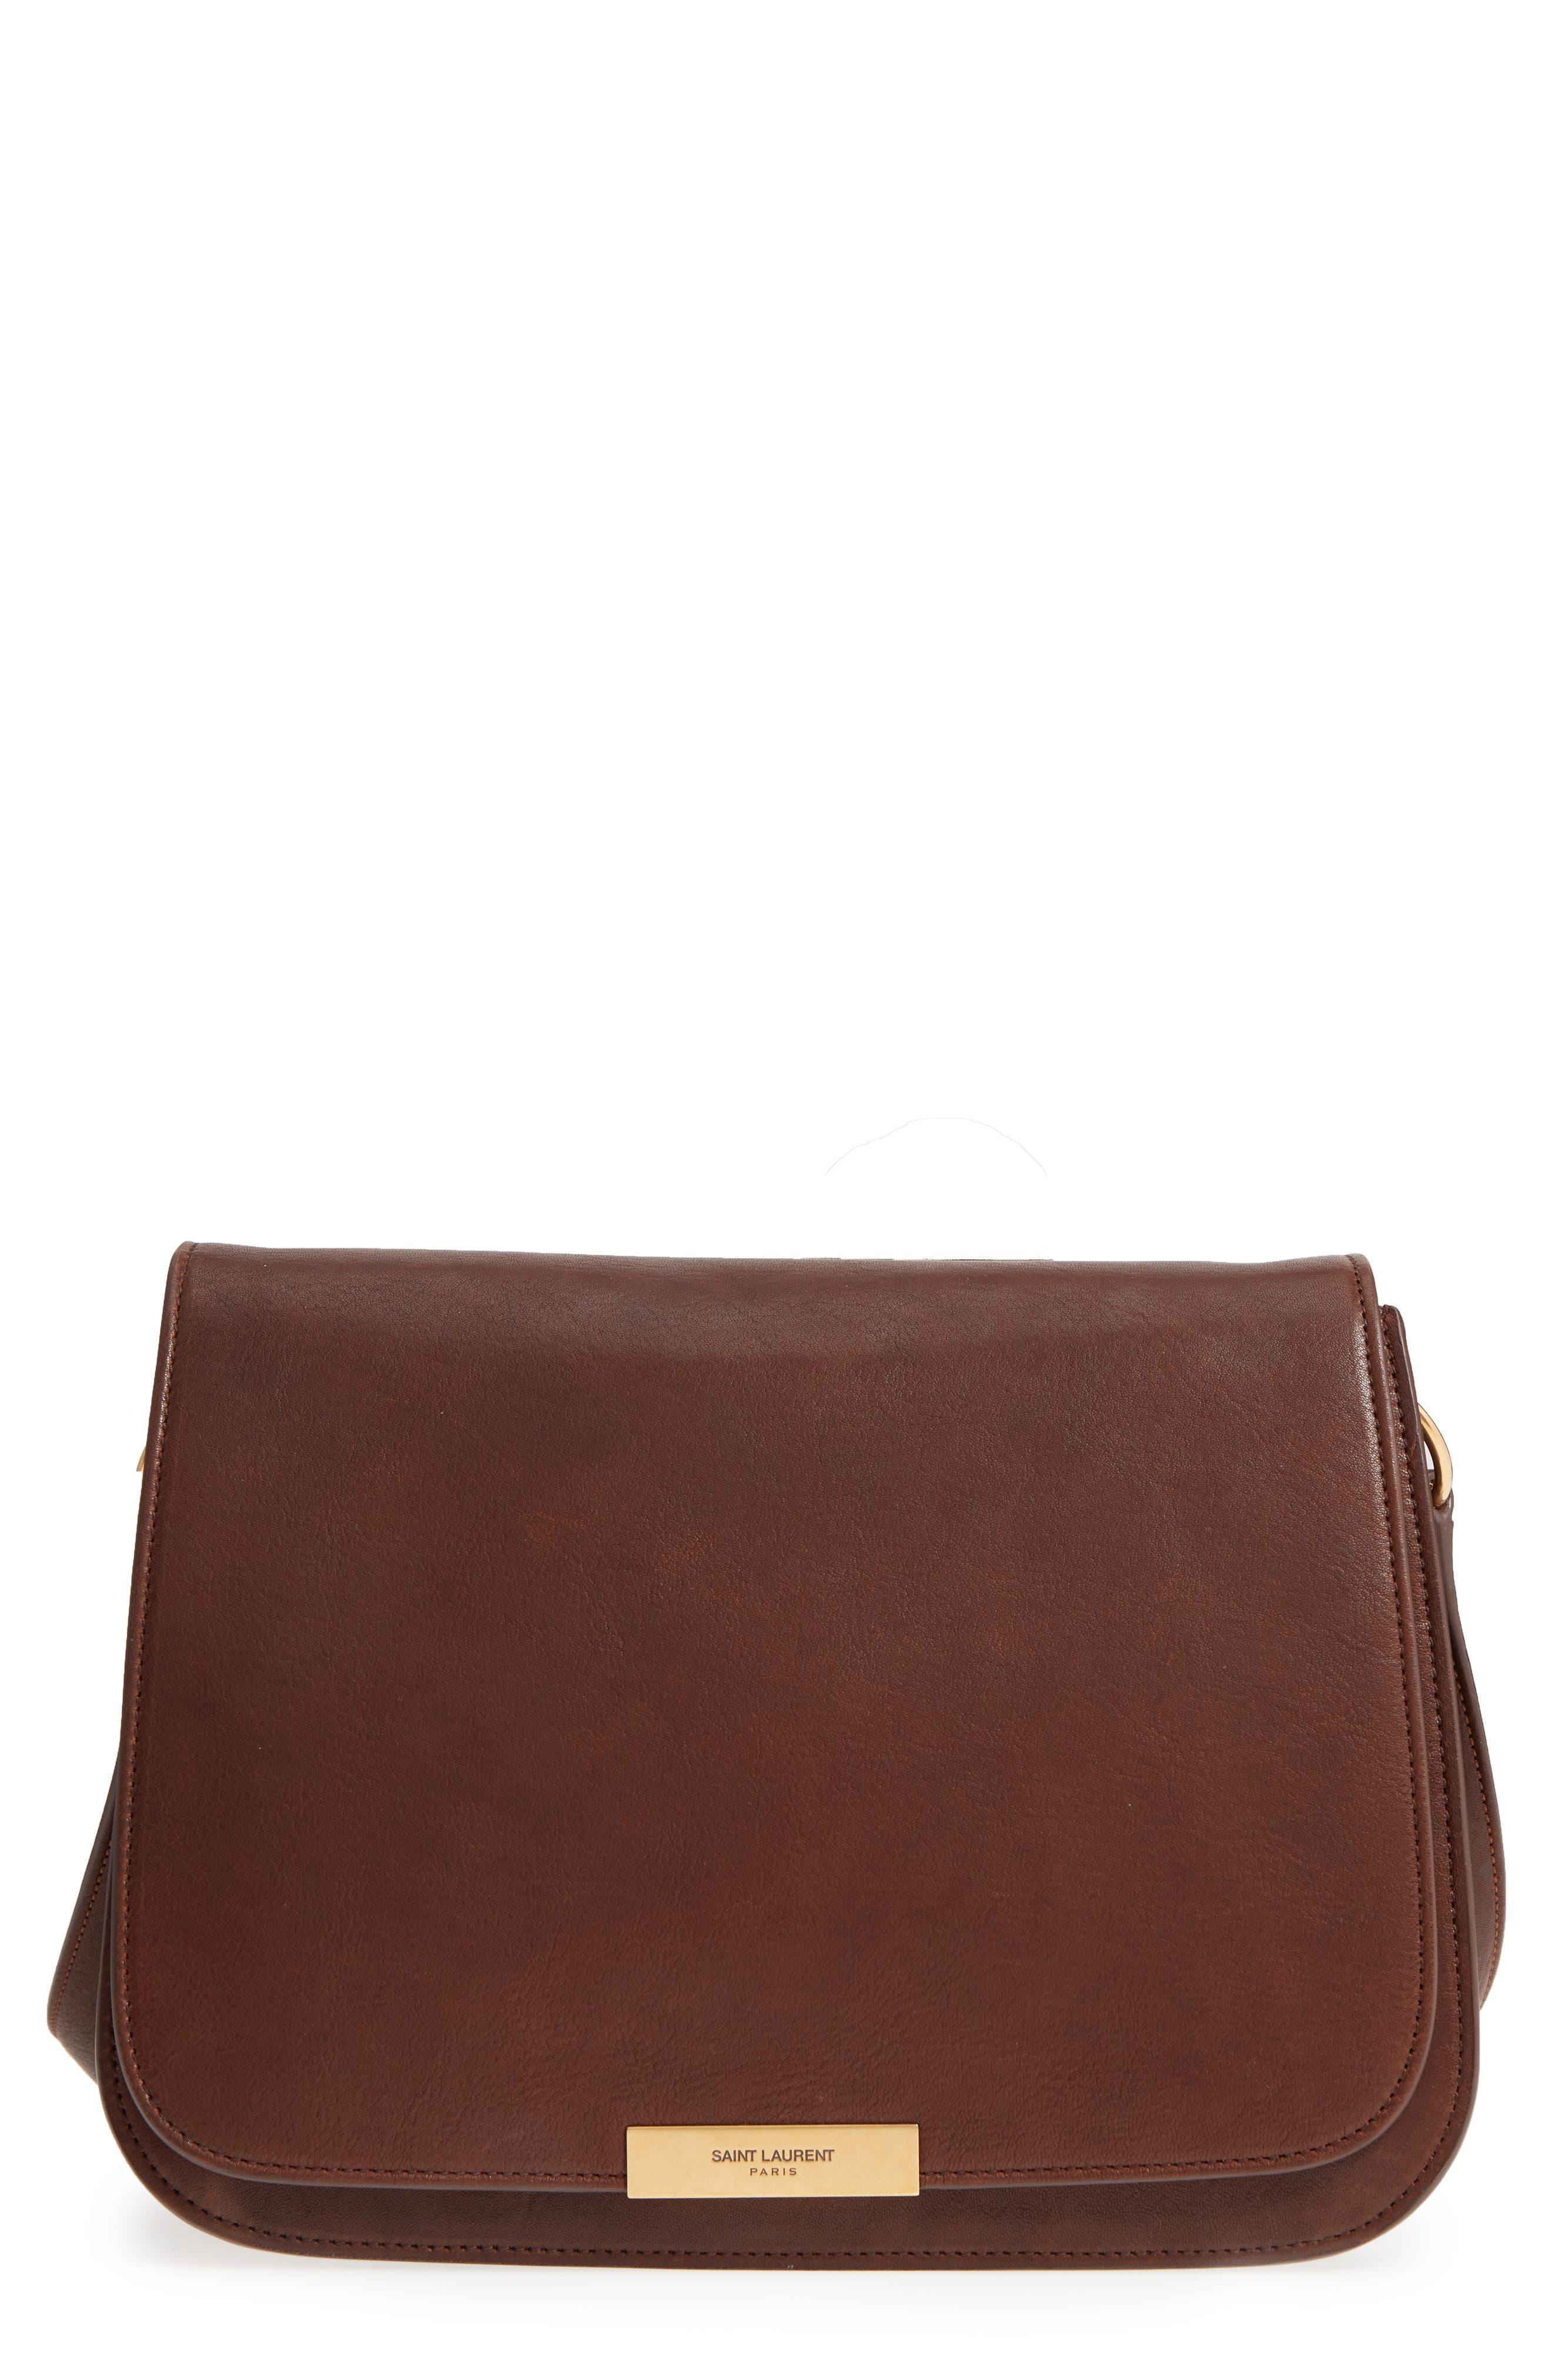 Saint Laurent Amalia Leather Flap Shoulder Bag